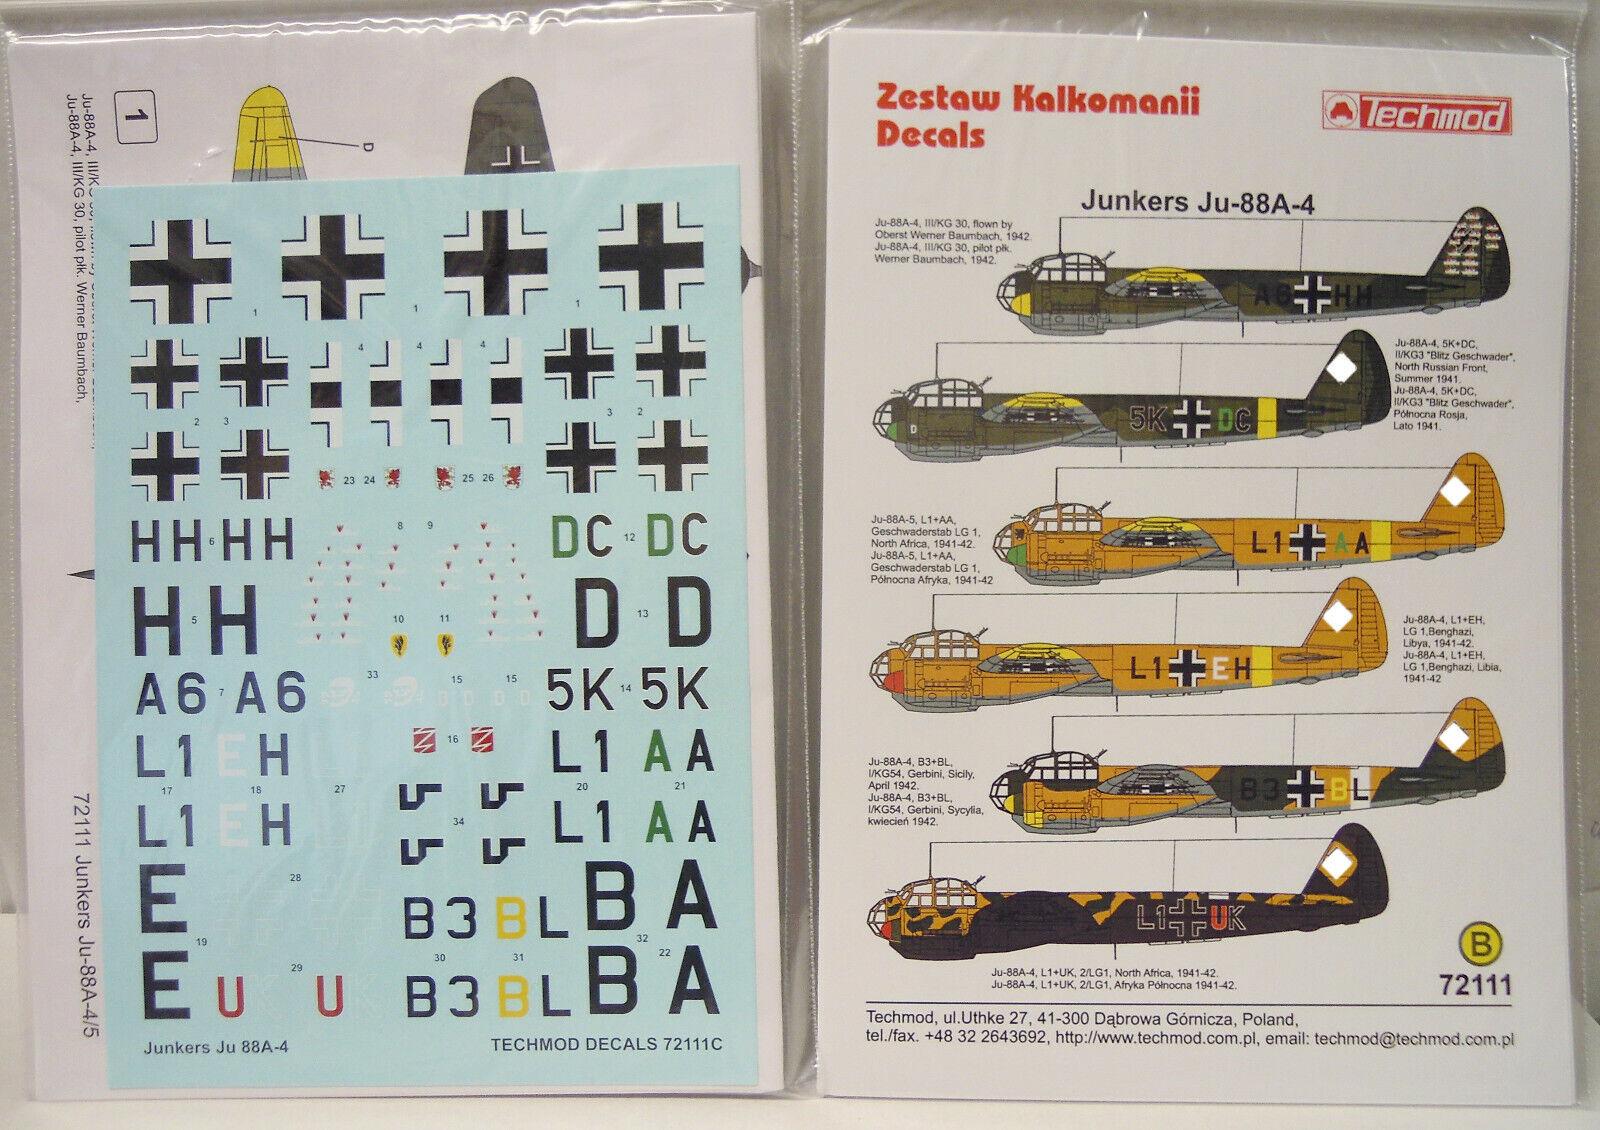 Fertigmodell,deutsche Luftwaffe Italeri Die Cast NEU 1:100 Fw-190 A Metall